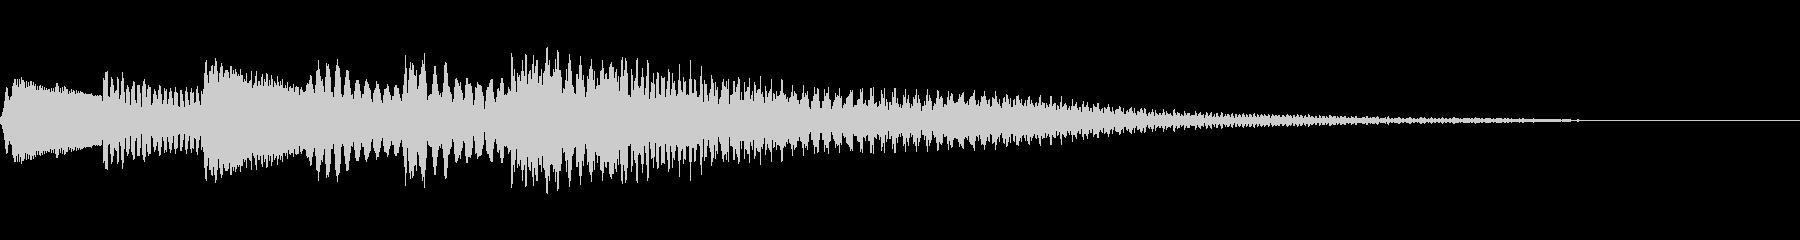 綺麗なハープのサウンドロゴの未再生の波形